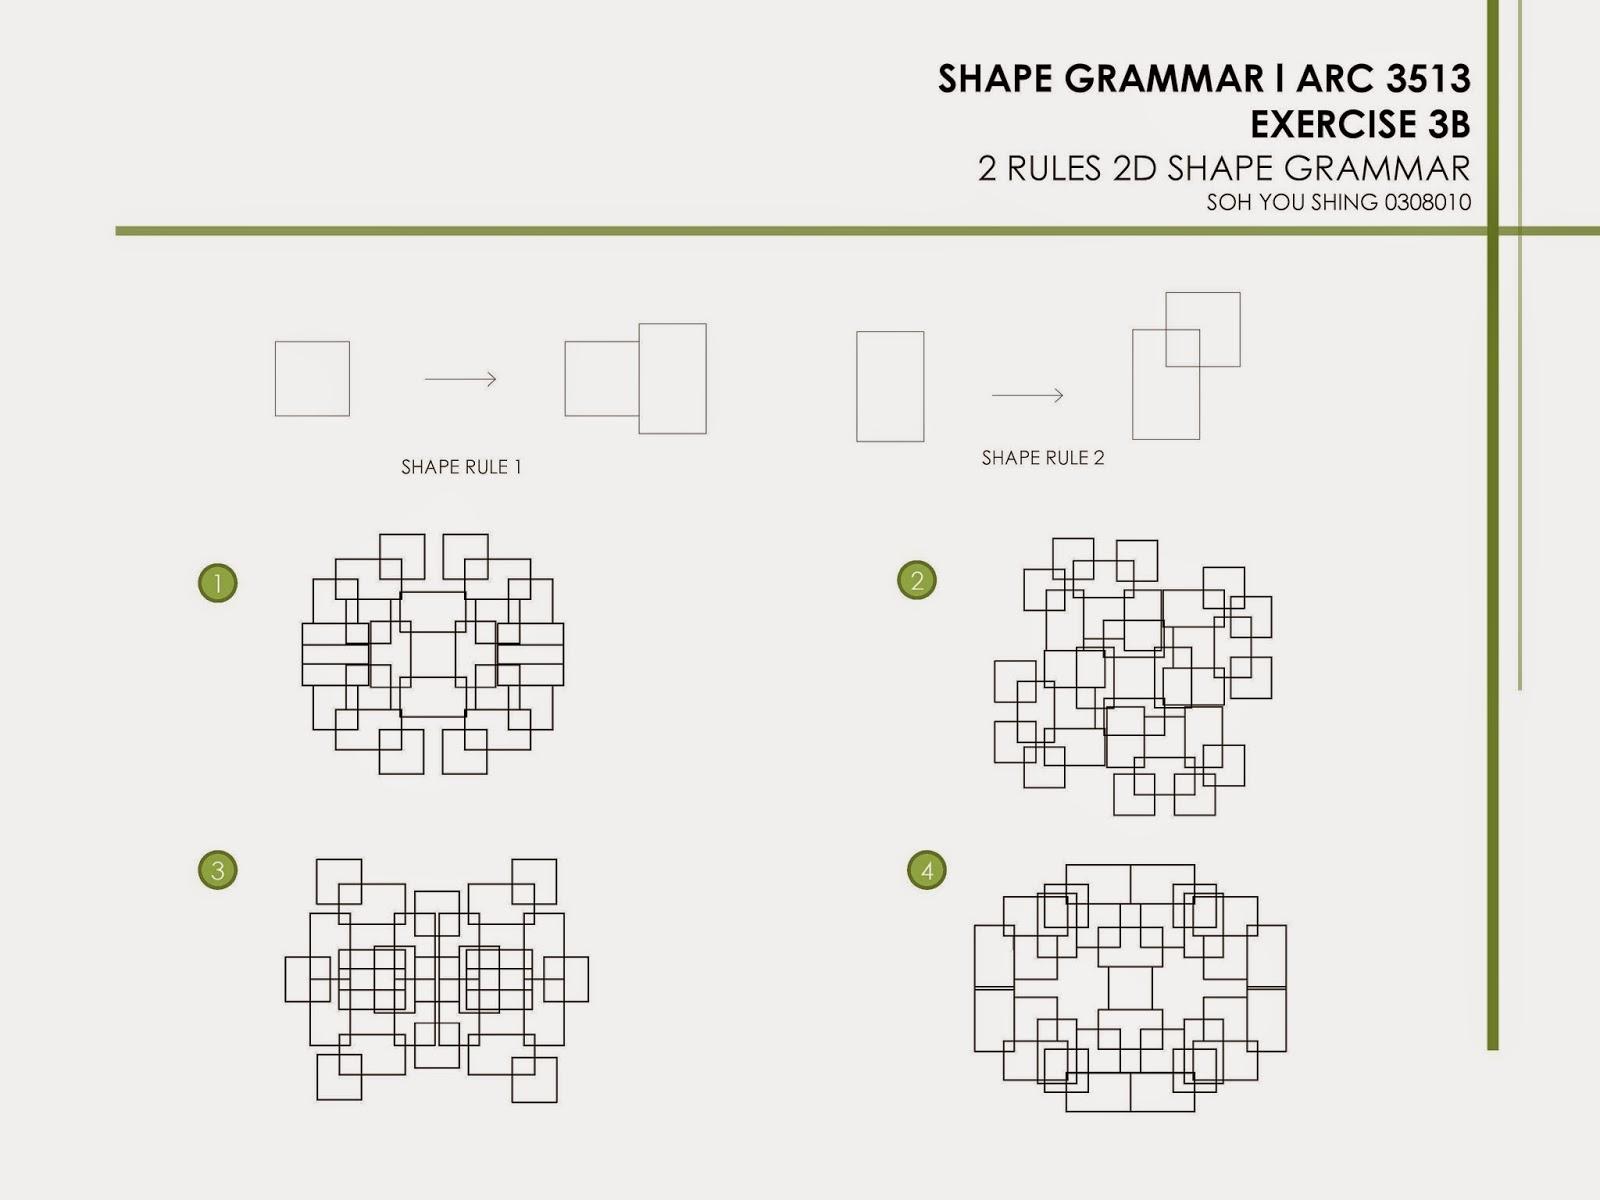 Soh You Shing: Shape Grammar